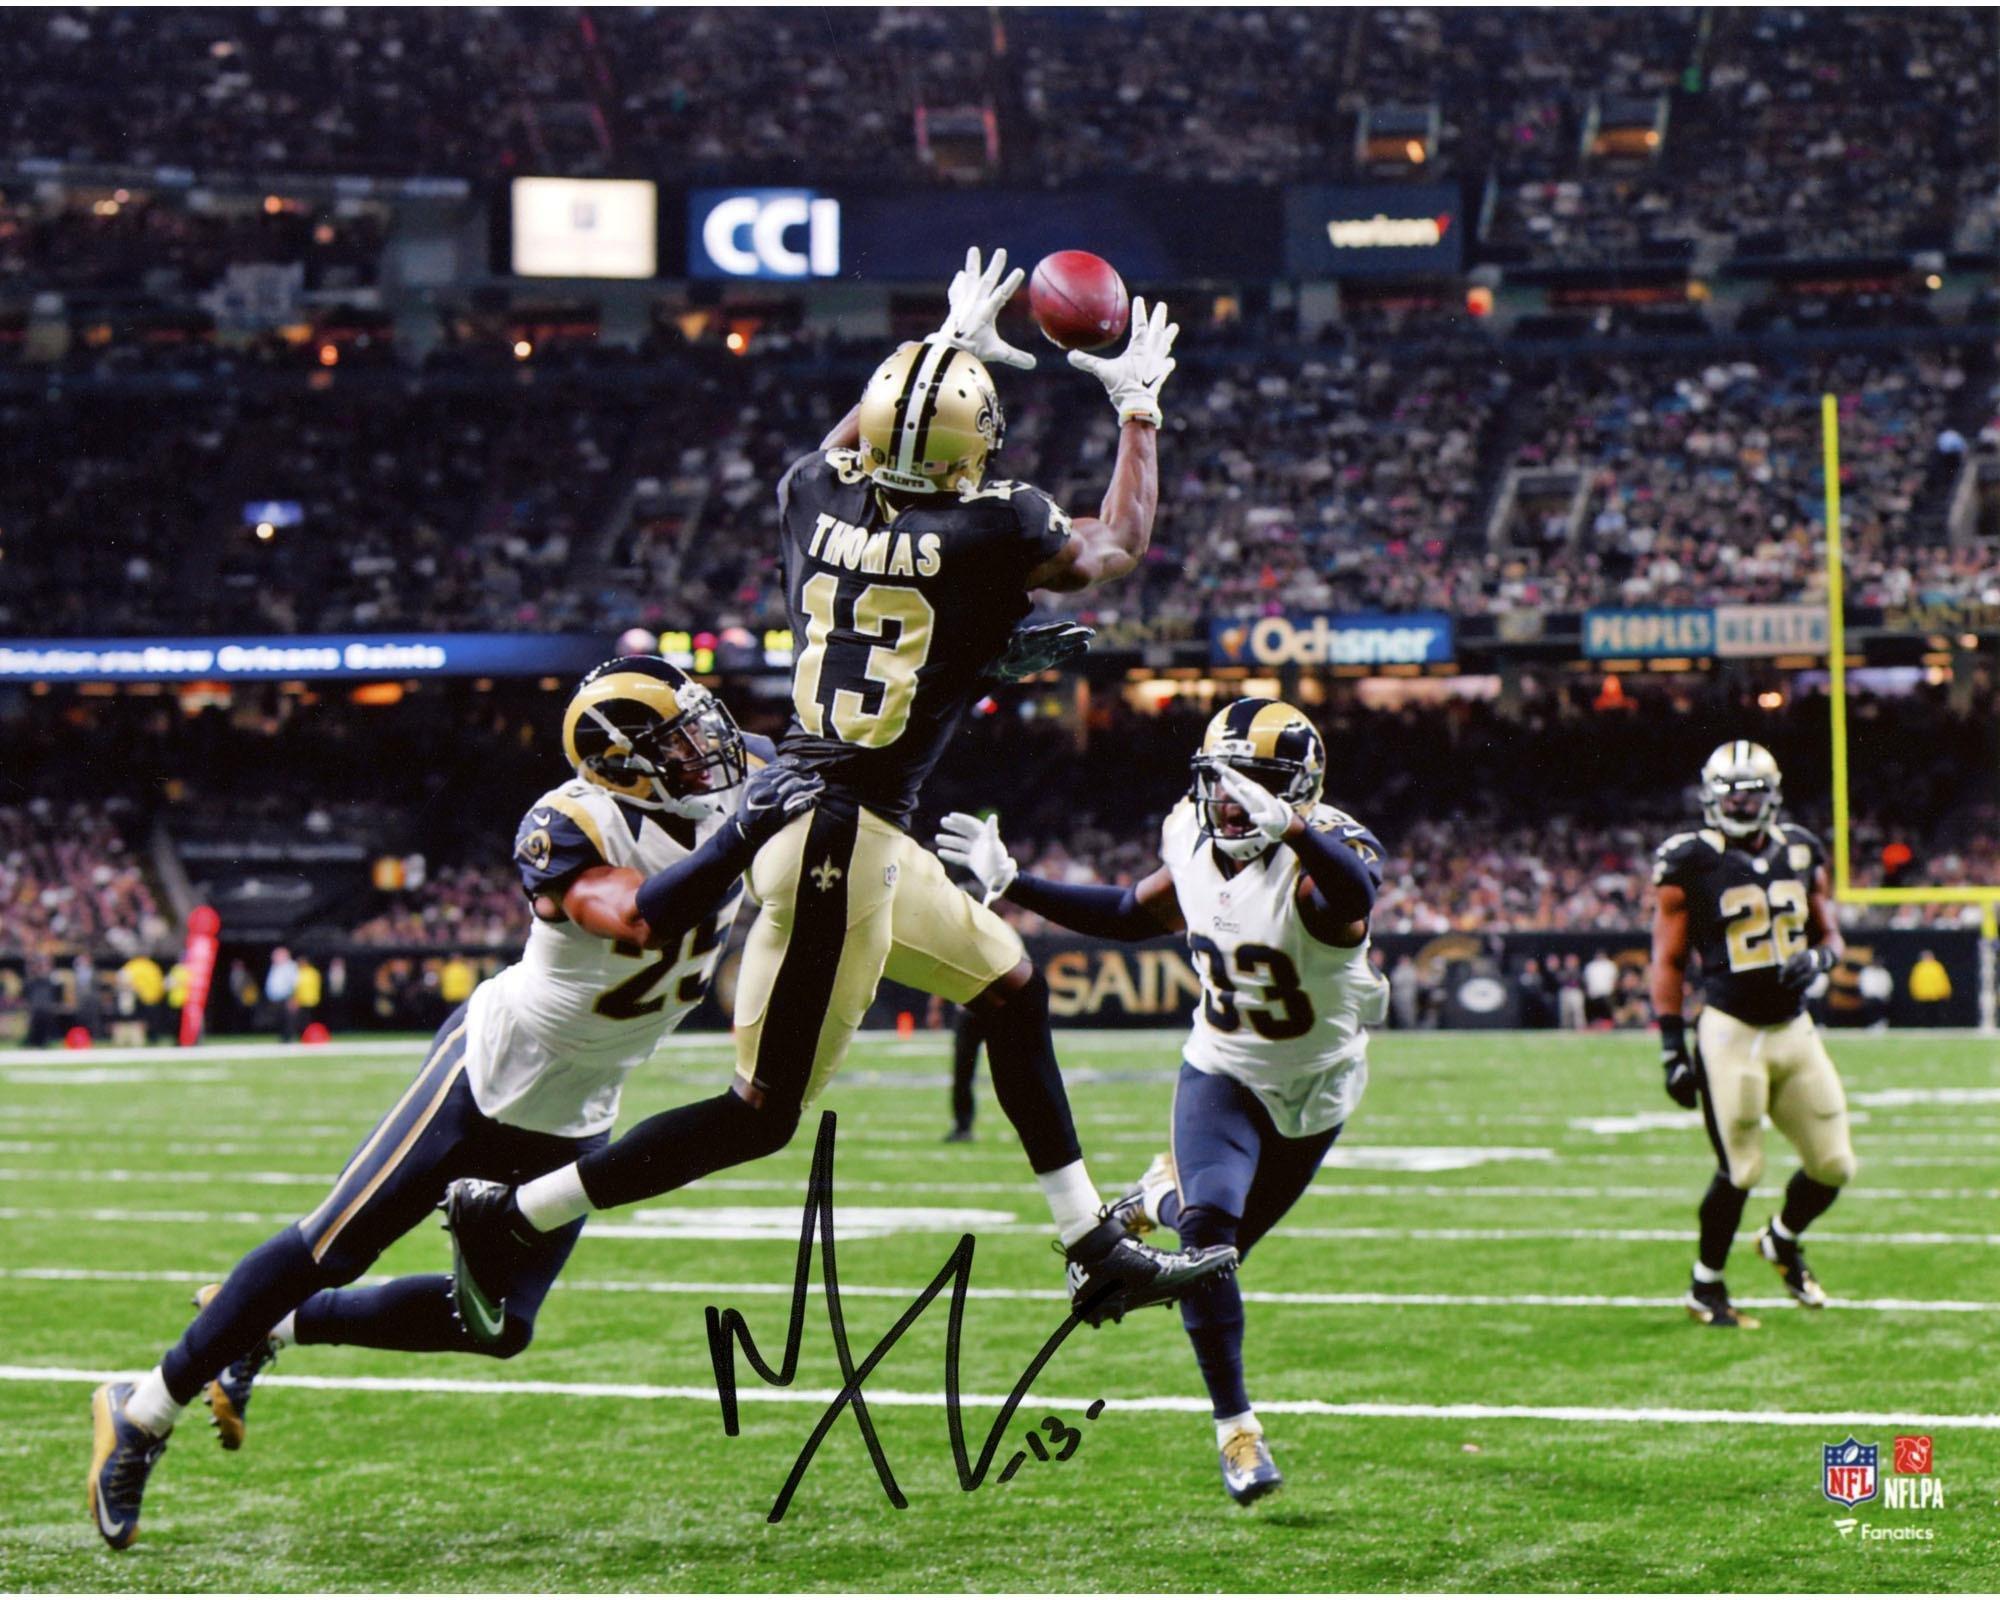 """Michael Thomas New Orleans Saints Autographed 8"""" x 10"""" Jump Catch Photograph Fanatics Authentic Certified"""